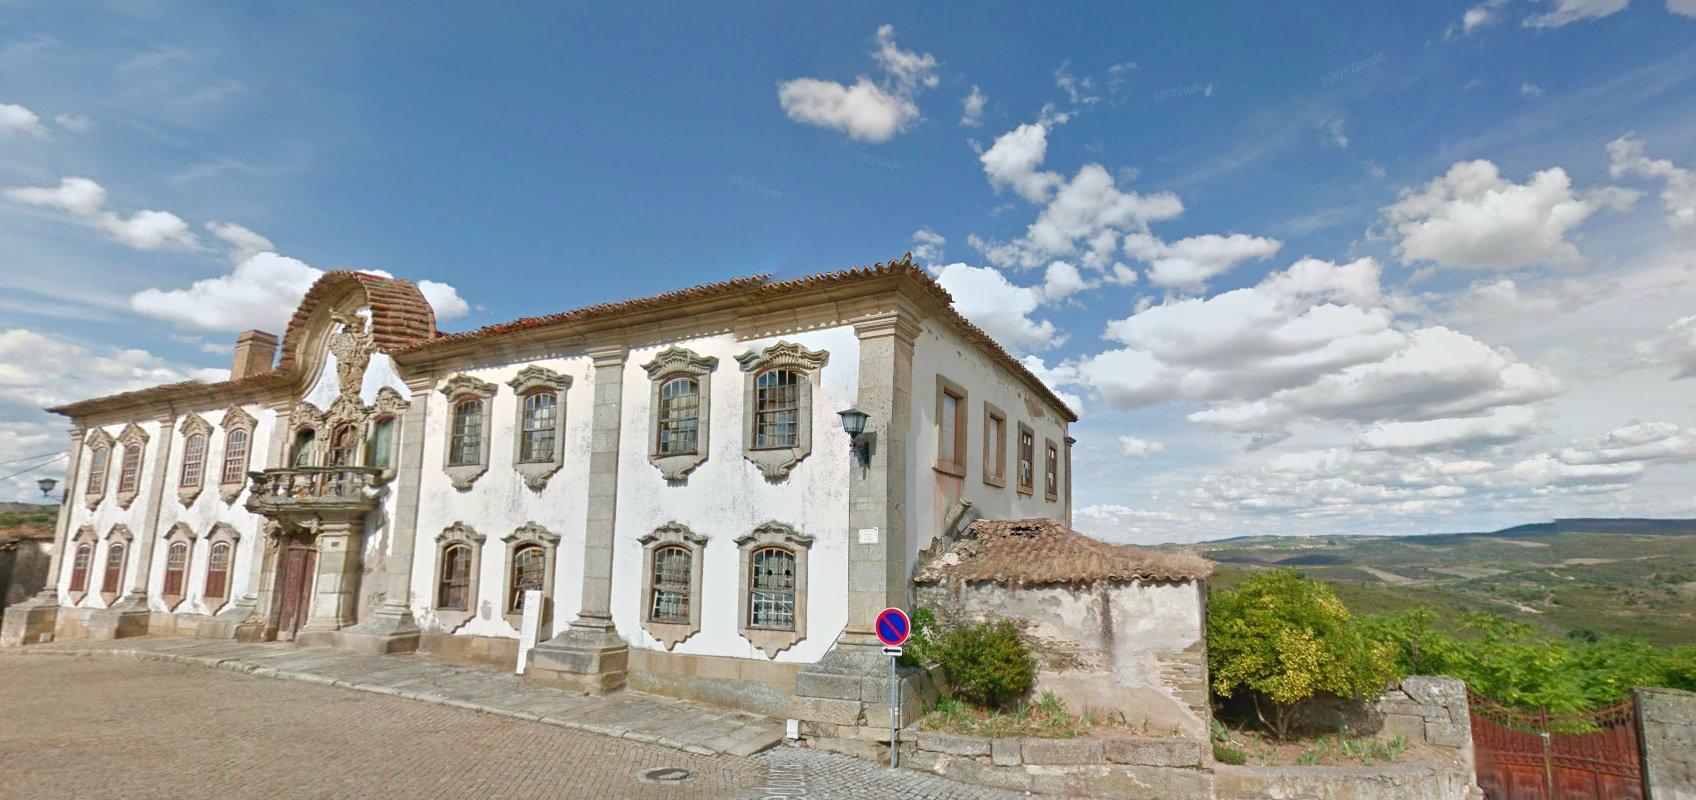 Chateau in Cedovim, Guarda District, Portugal 1